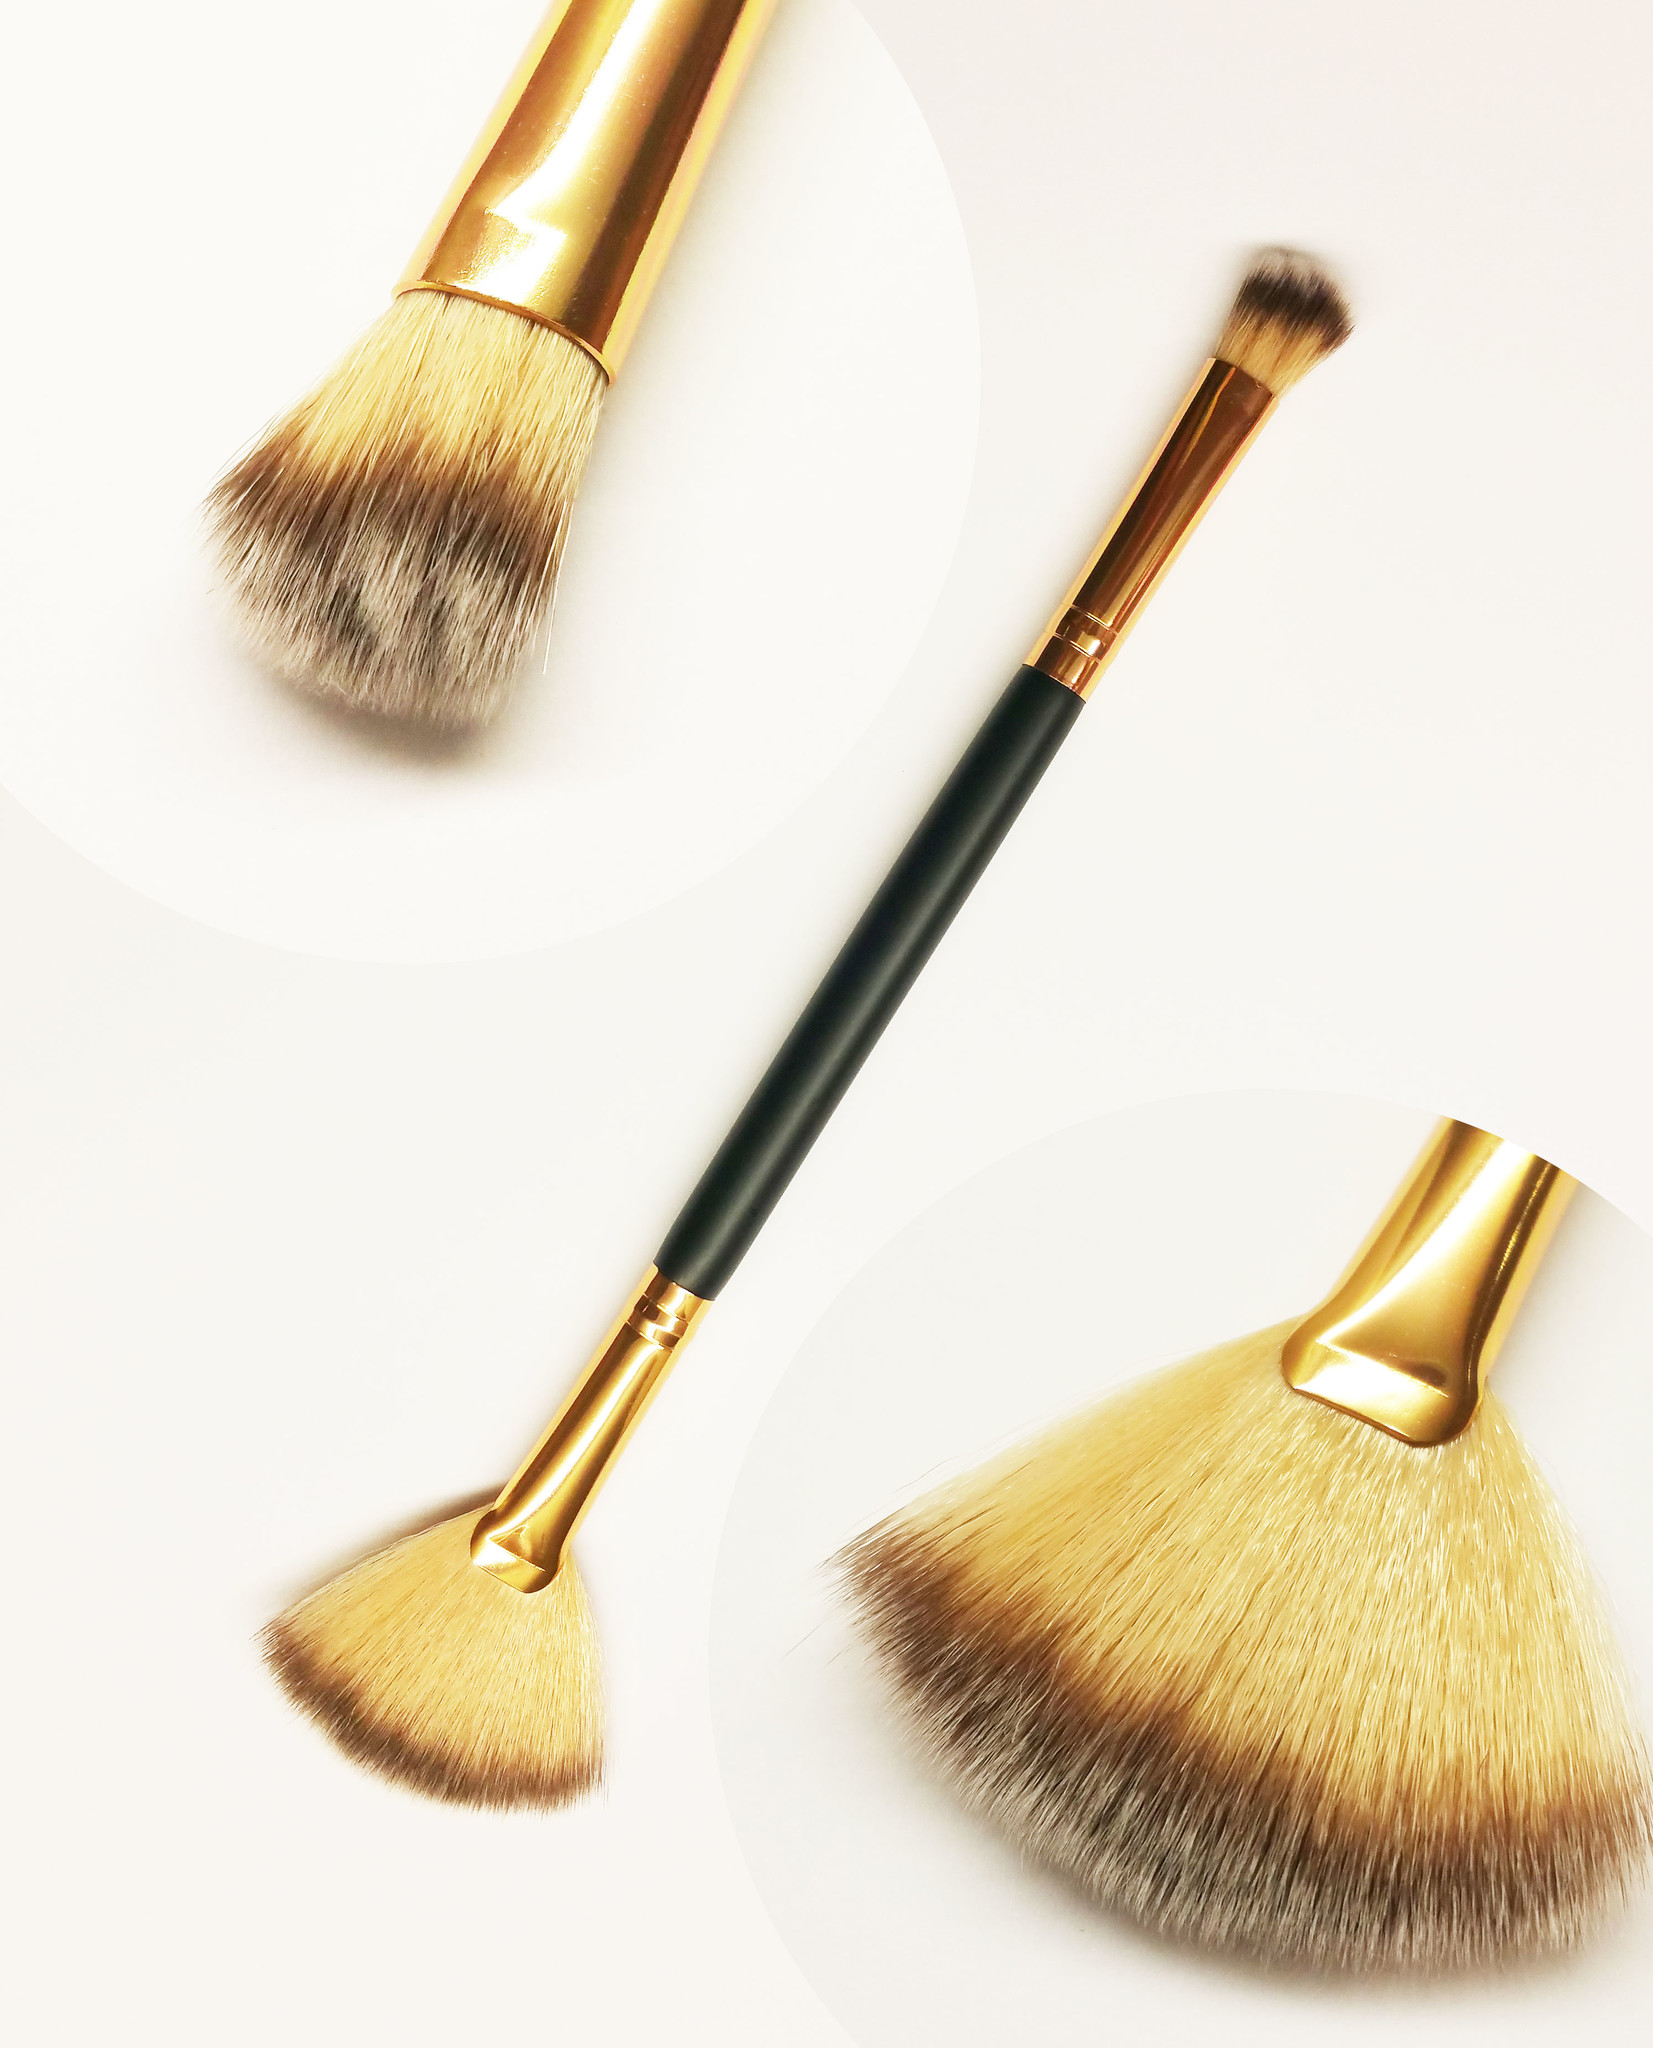 NailsE Professional Doppel Pinsel für Pigment und Glitzer